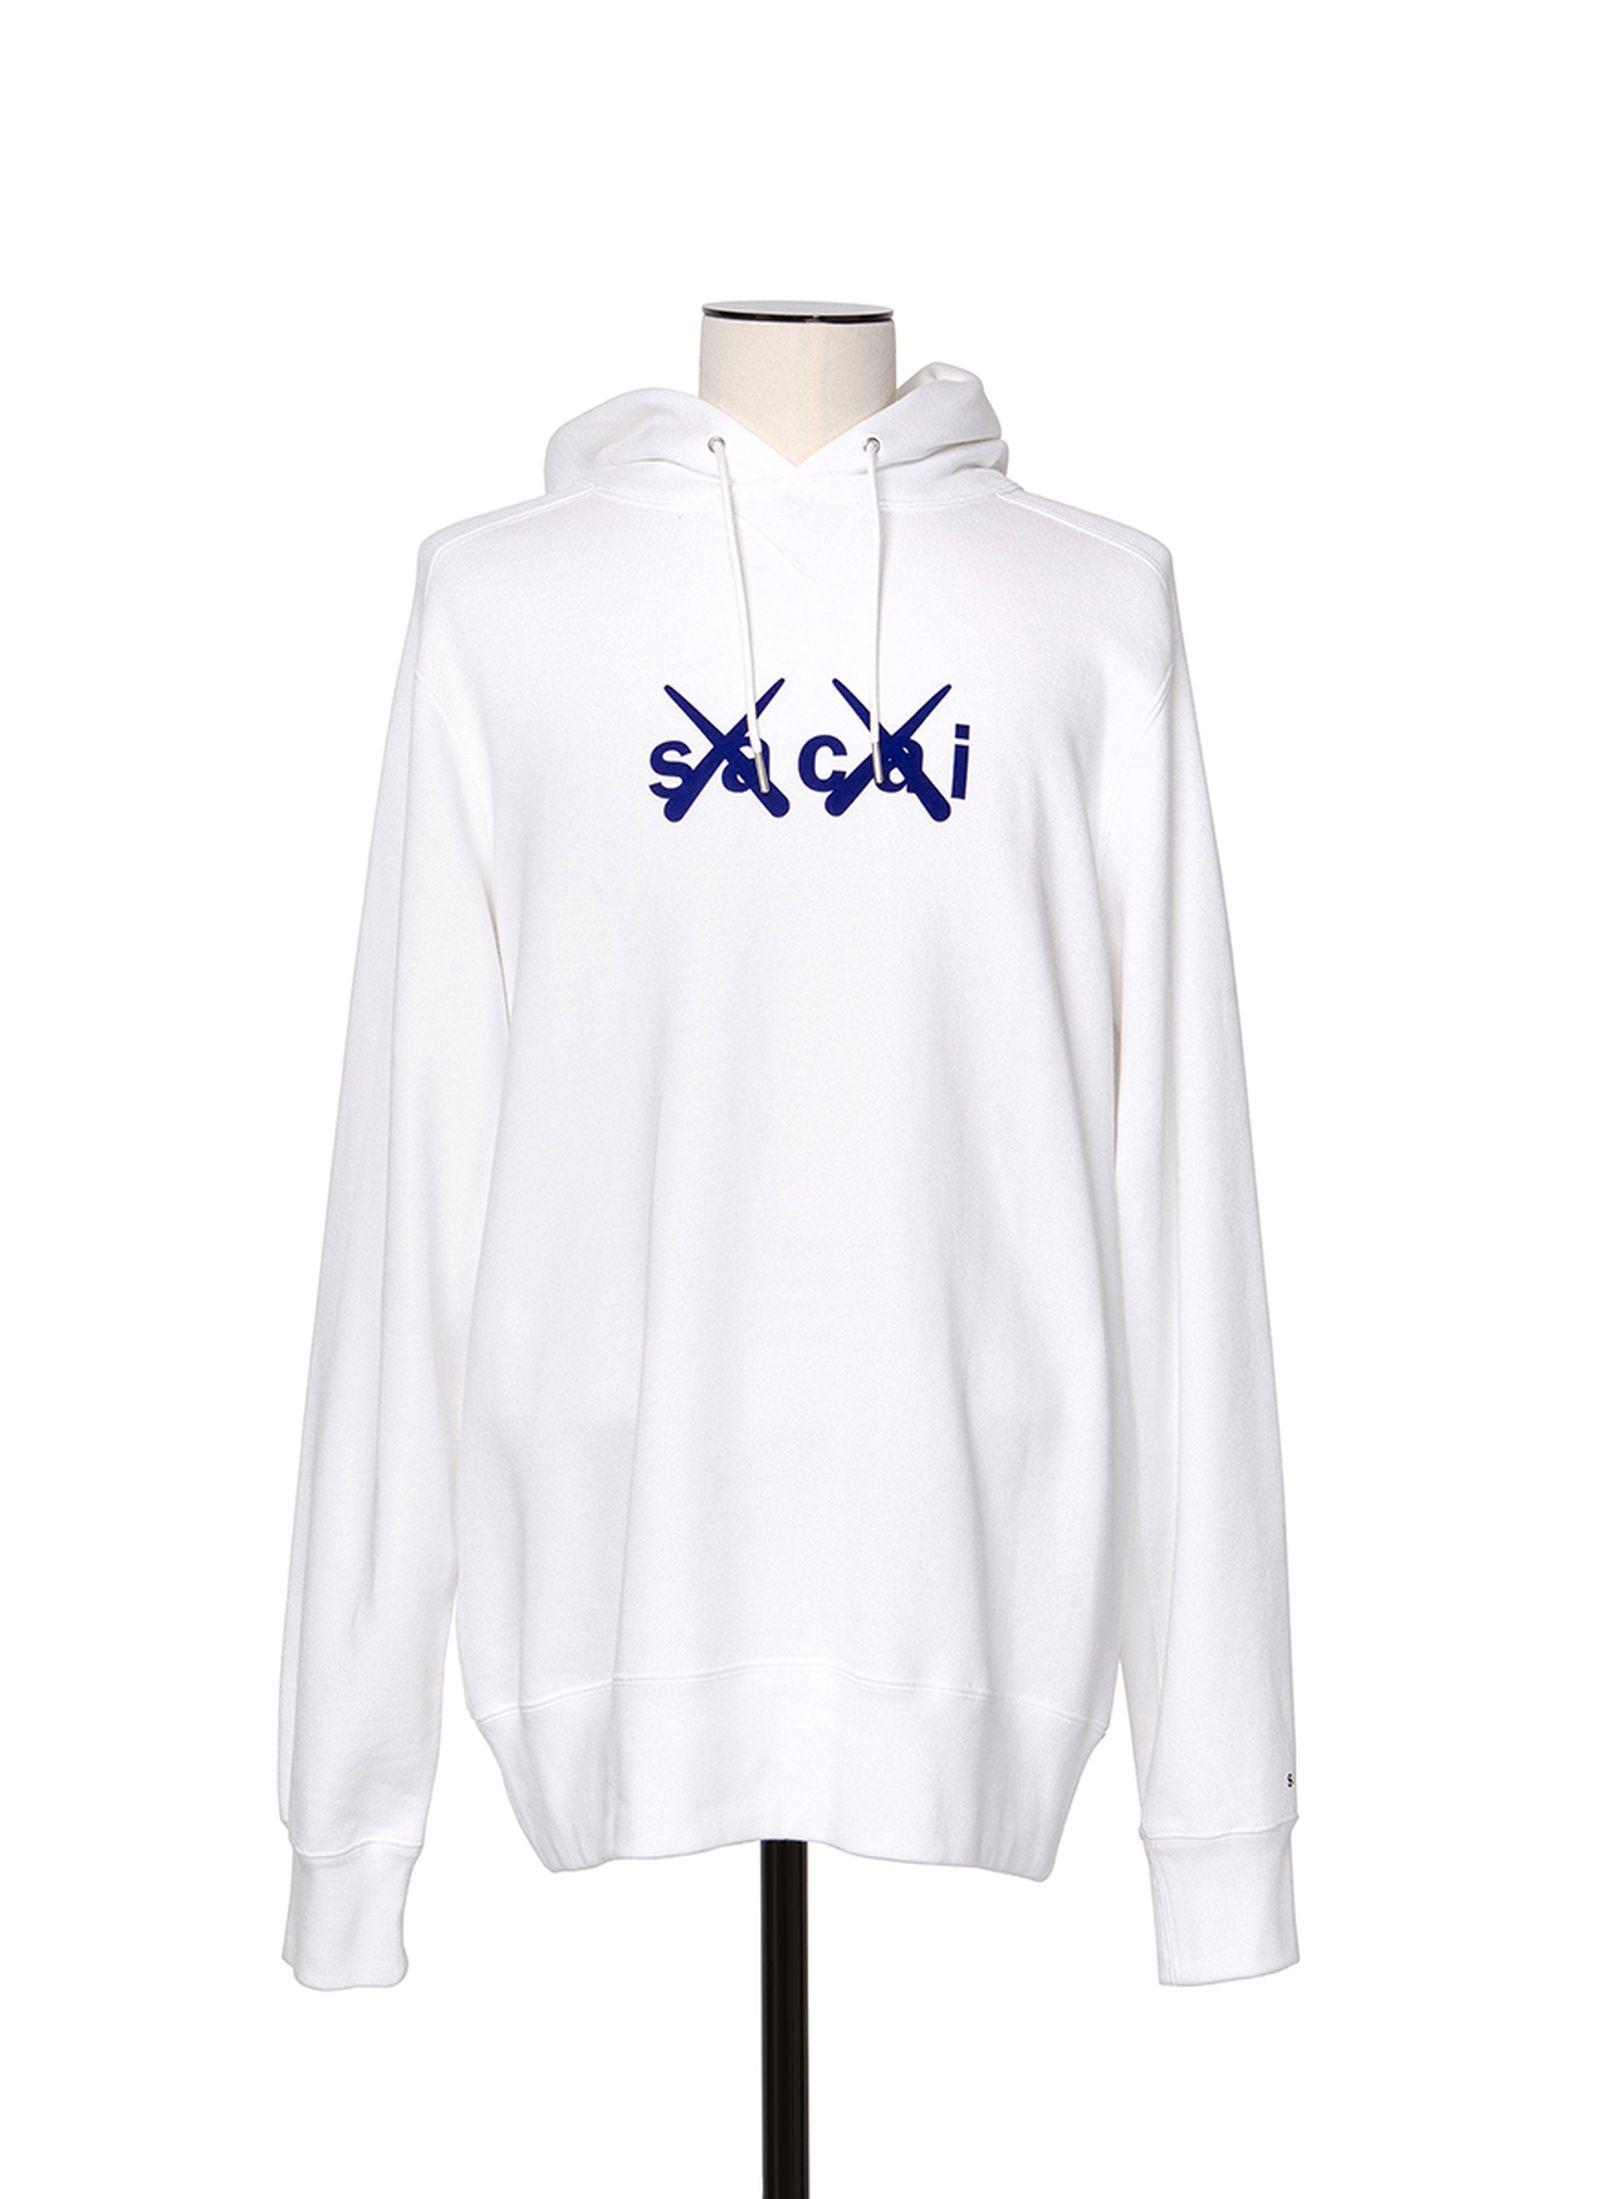 sacai-kaws-fall-2021-collaboration-tee-shirts- (4)